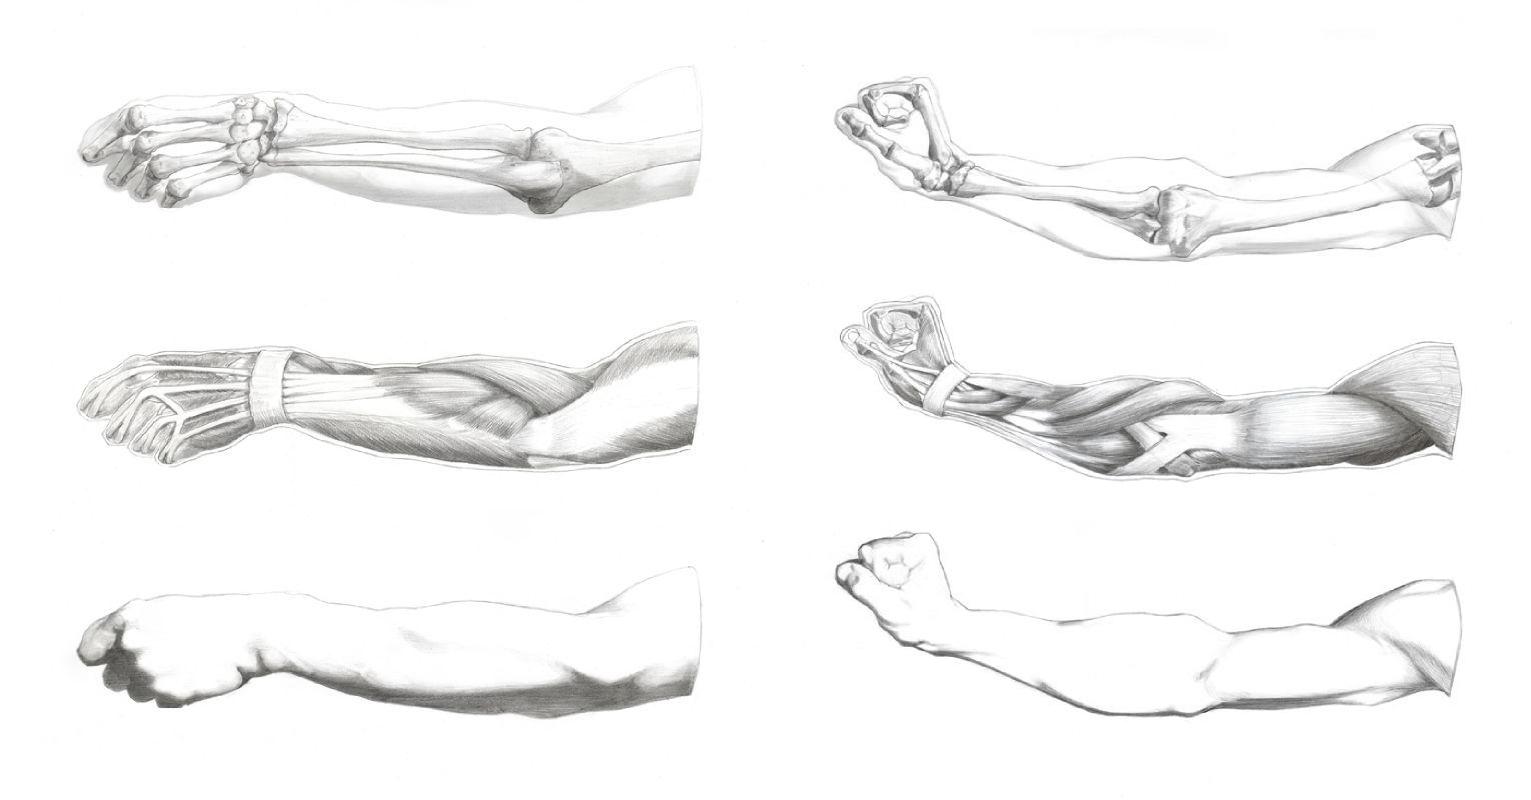 Ecorché - Myologie et Ostéologie du membre superieur<br/><span>Graphite sur papier &#8240;tude réalisée d'après les dessins d'antique de Gérôme &amp; Bargue</span>